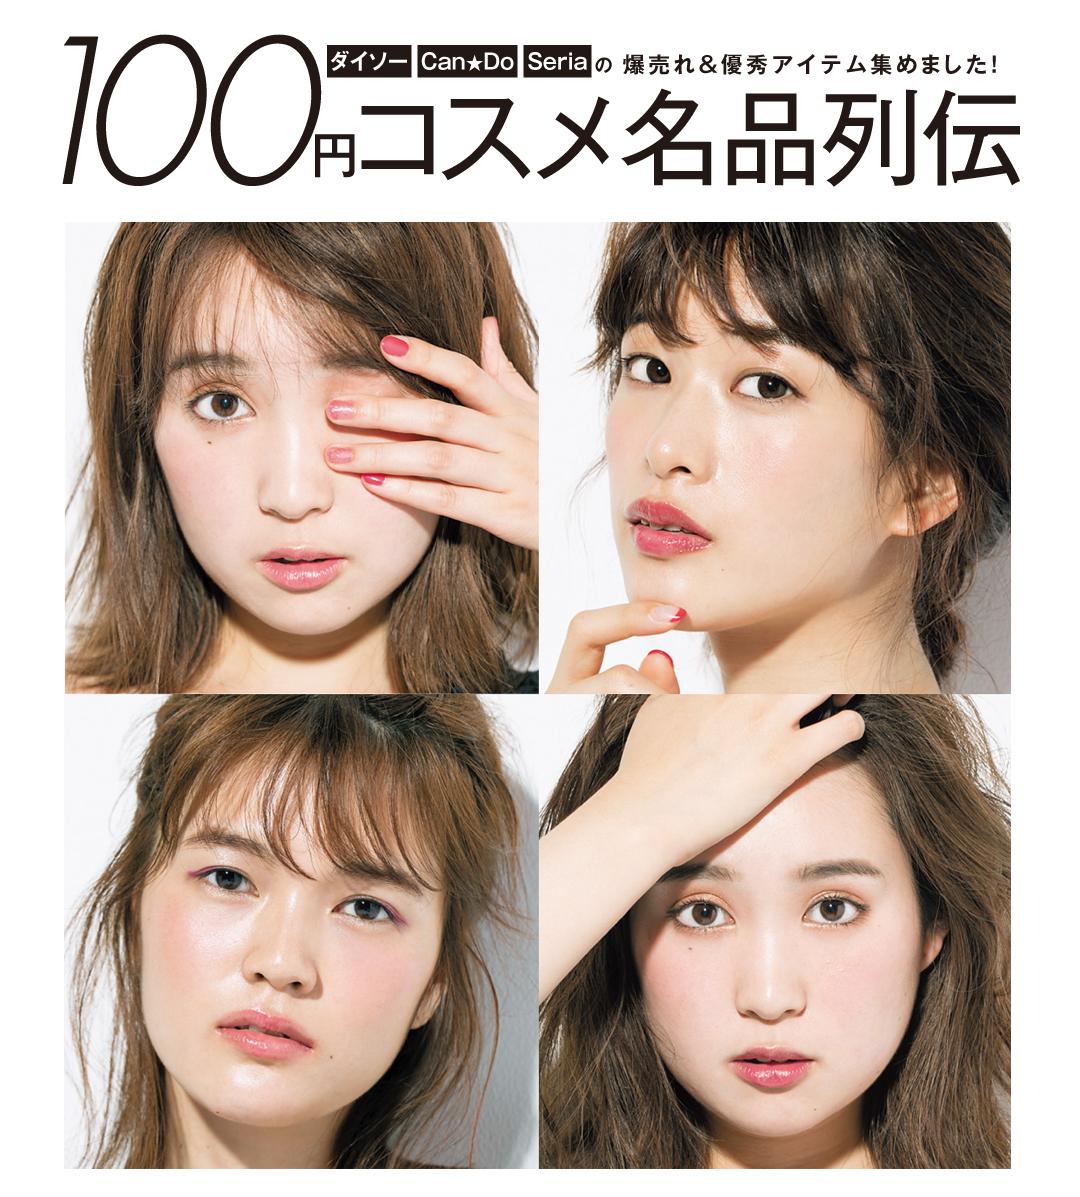 ダイソー、セリア、Can★Doの100均名品コスメまとめ!_1_1-1